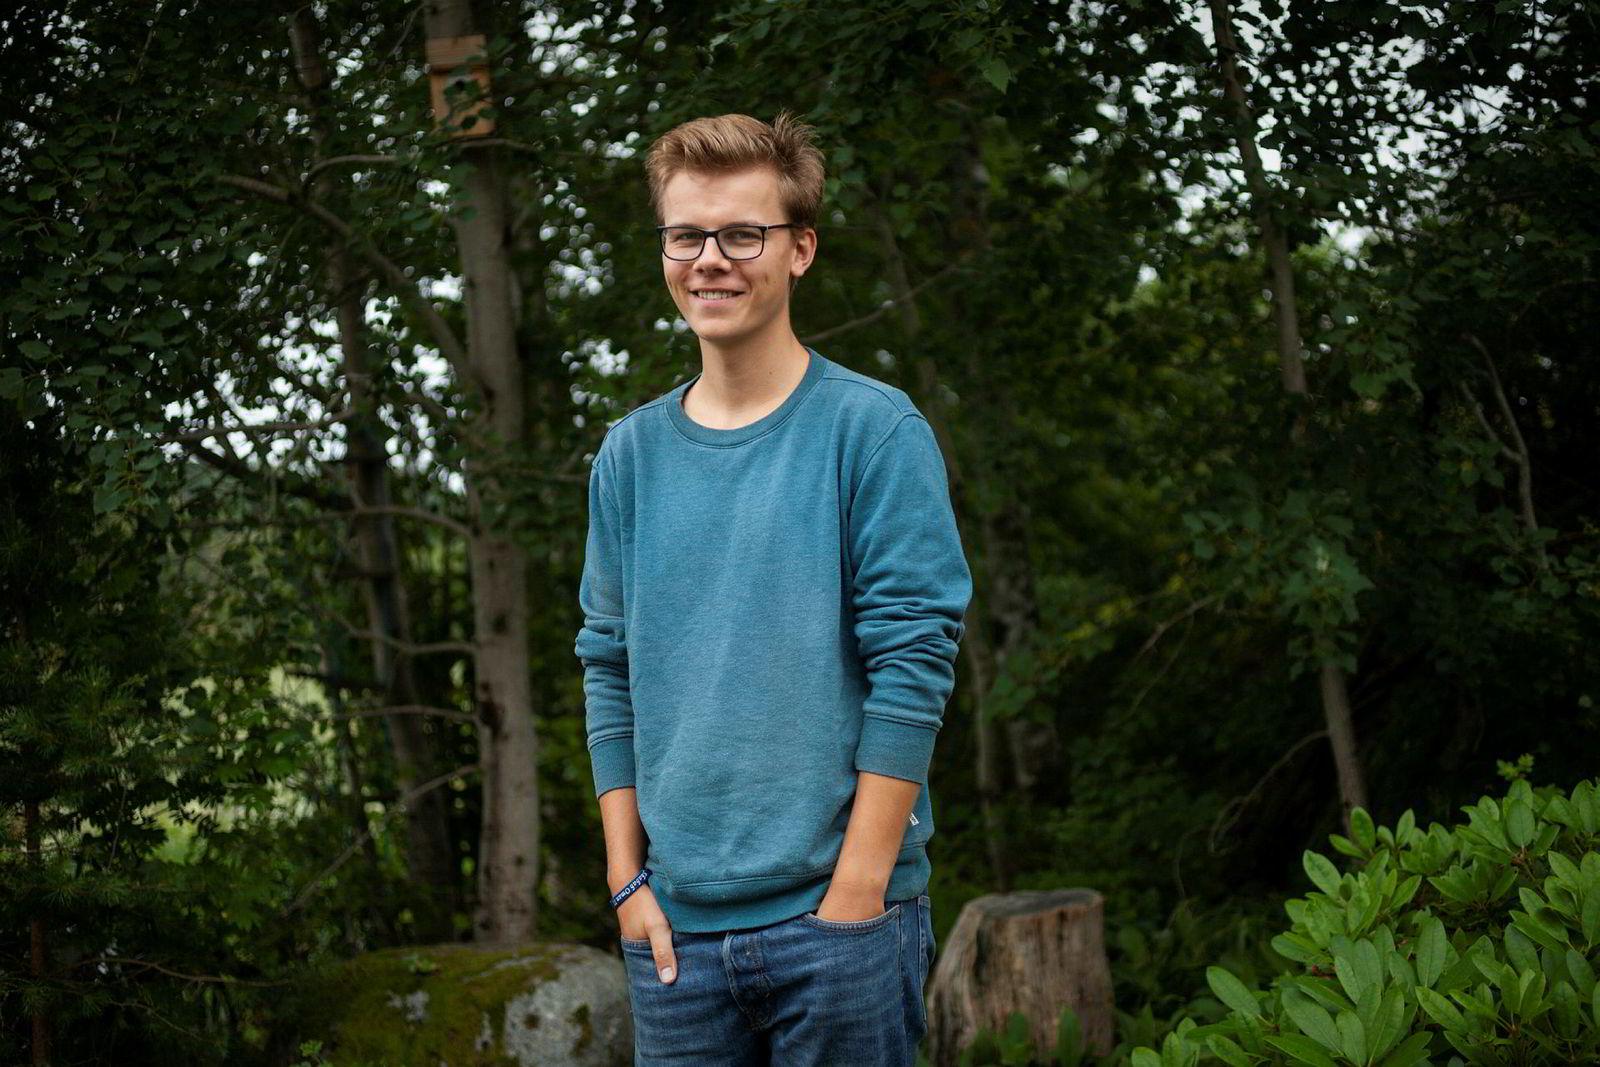 Tobias Laundal begynte å programmere allerede mens han gikk på ungdomsskolen, og har lenge vært interessert i hvordan man skal håndtere teknologiens virkning på samfunnet.